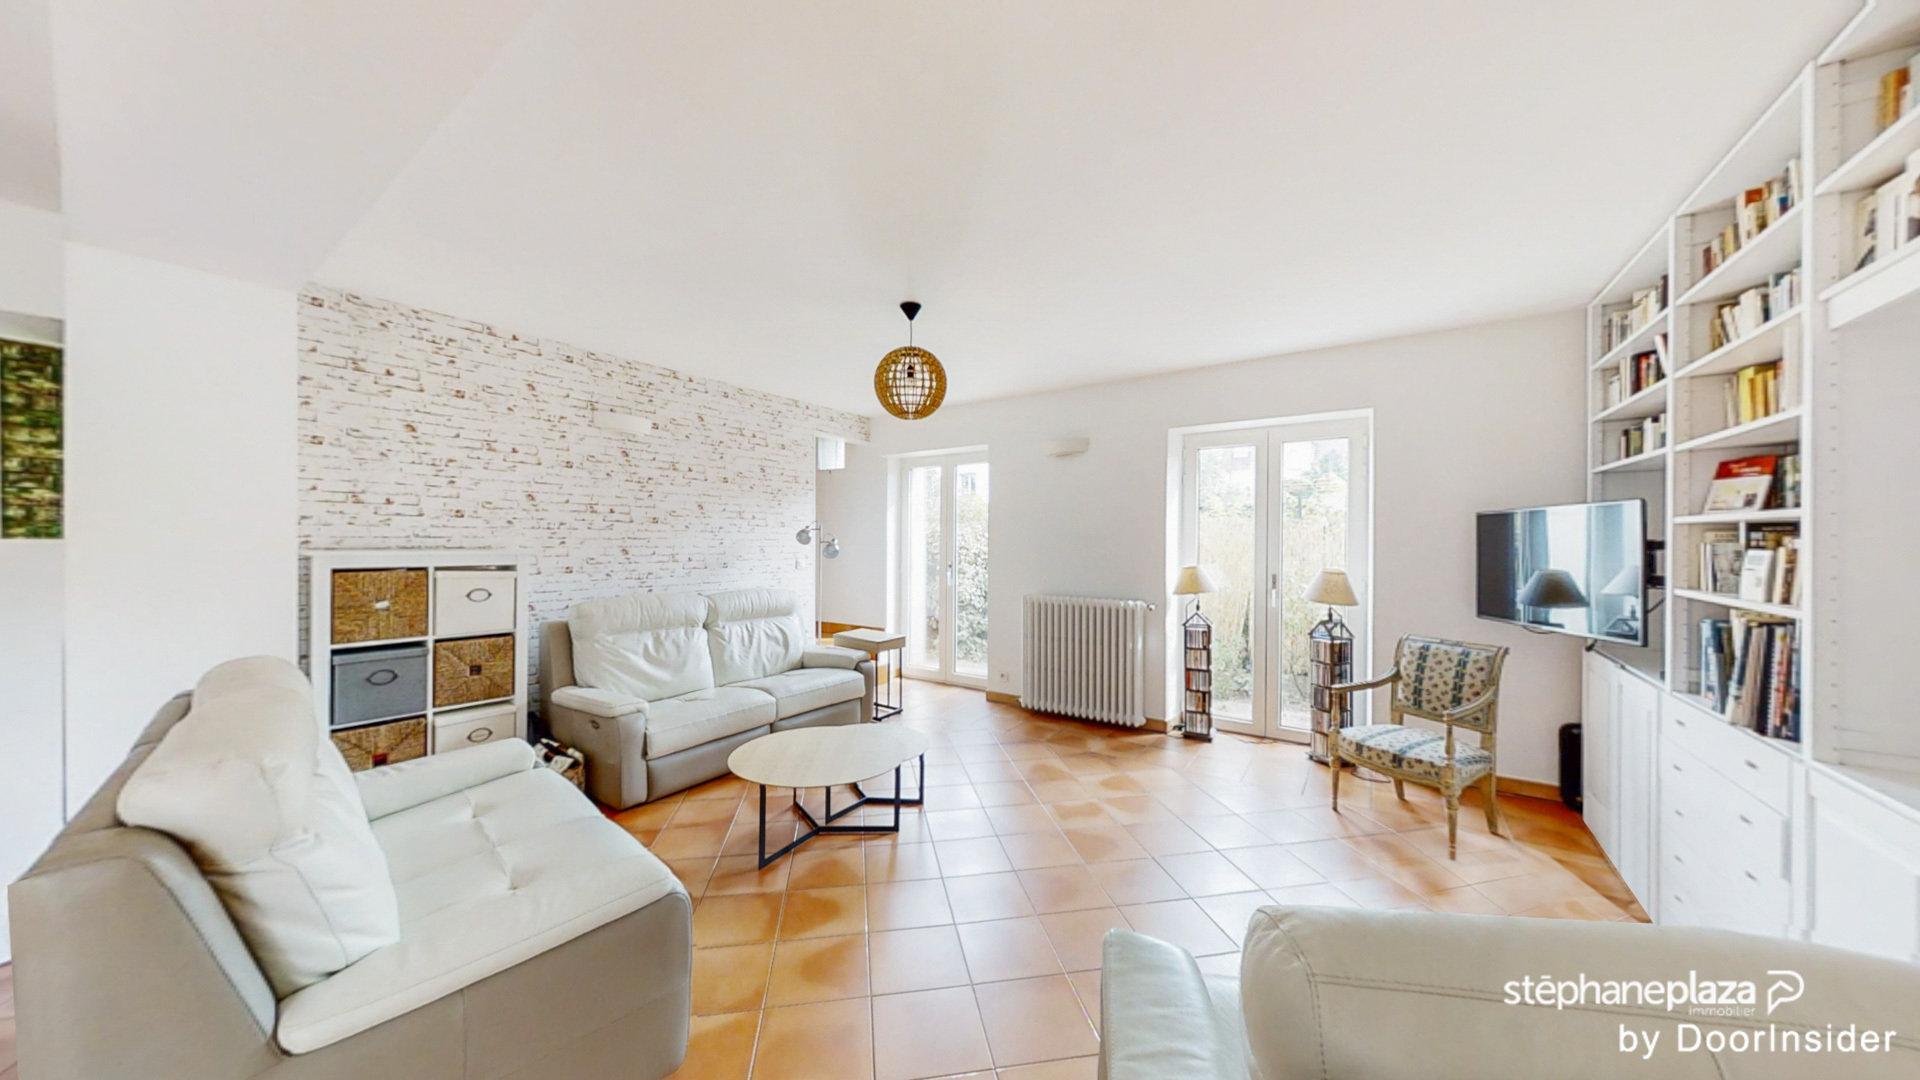 Maison a vendre colombes - 6 pièce(s) - 153.58 m2 - Surfyn